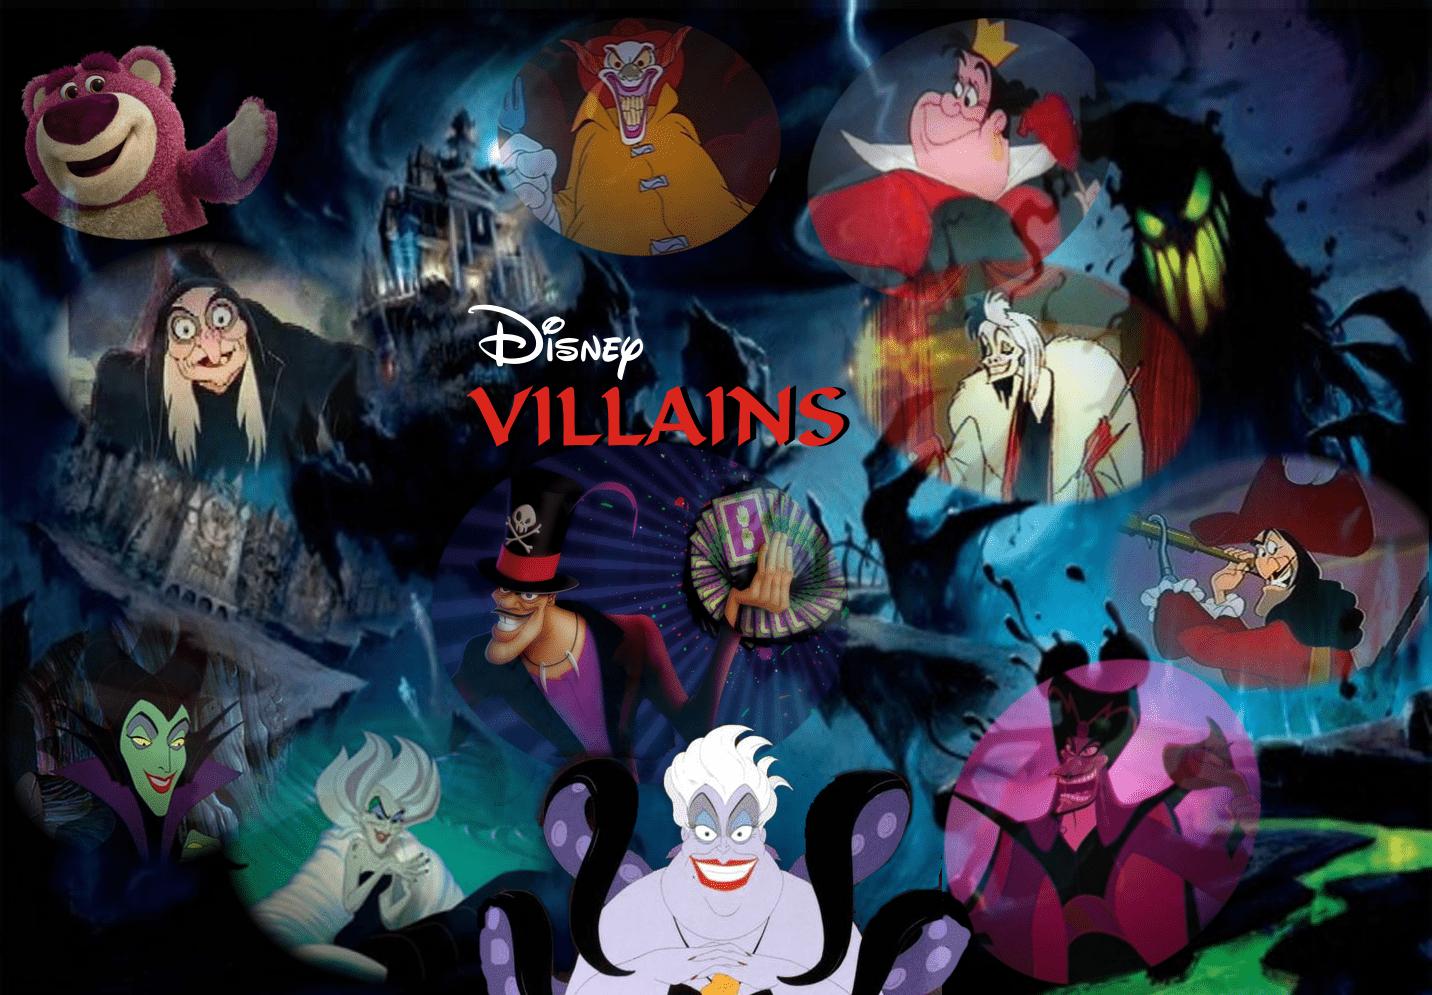 Disney Villains Wallpapers Top Free Disney Villains Backgrounds Wallpaperaccess